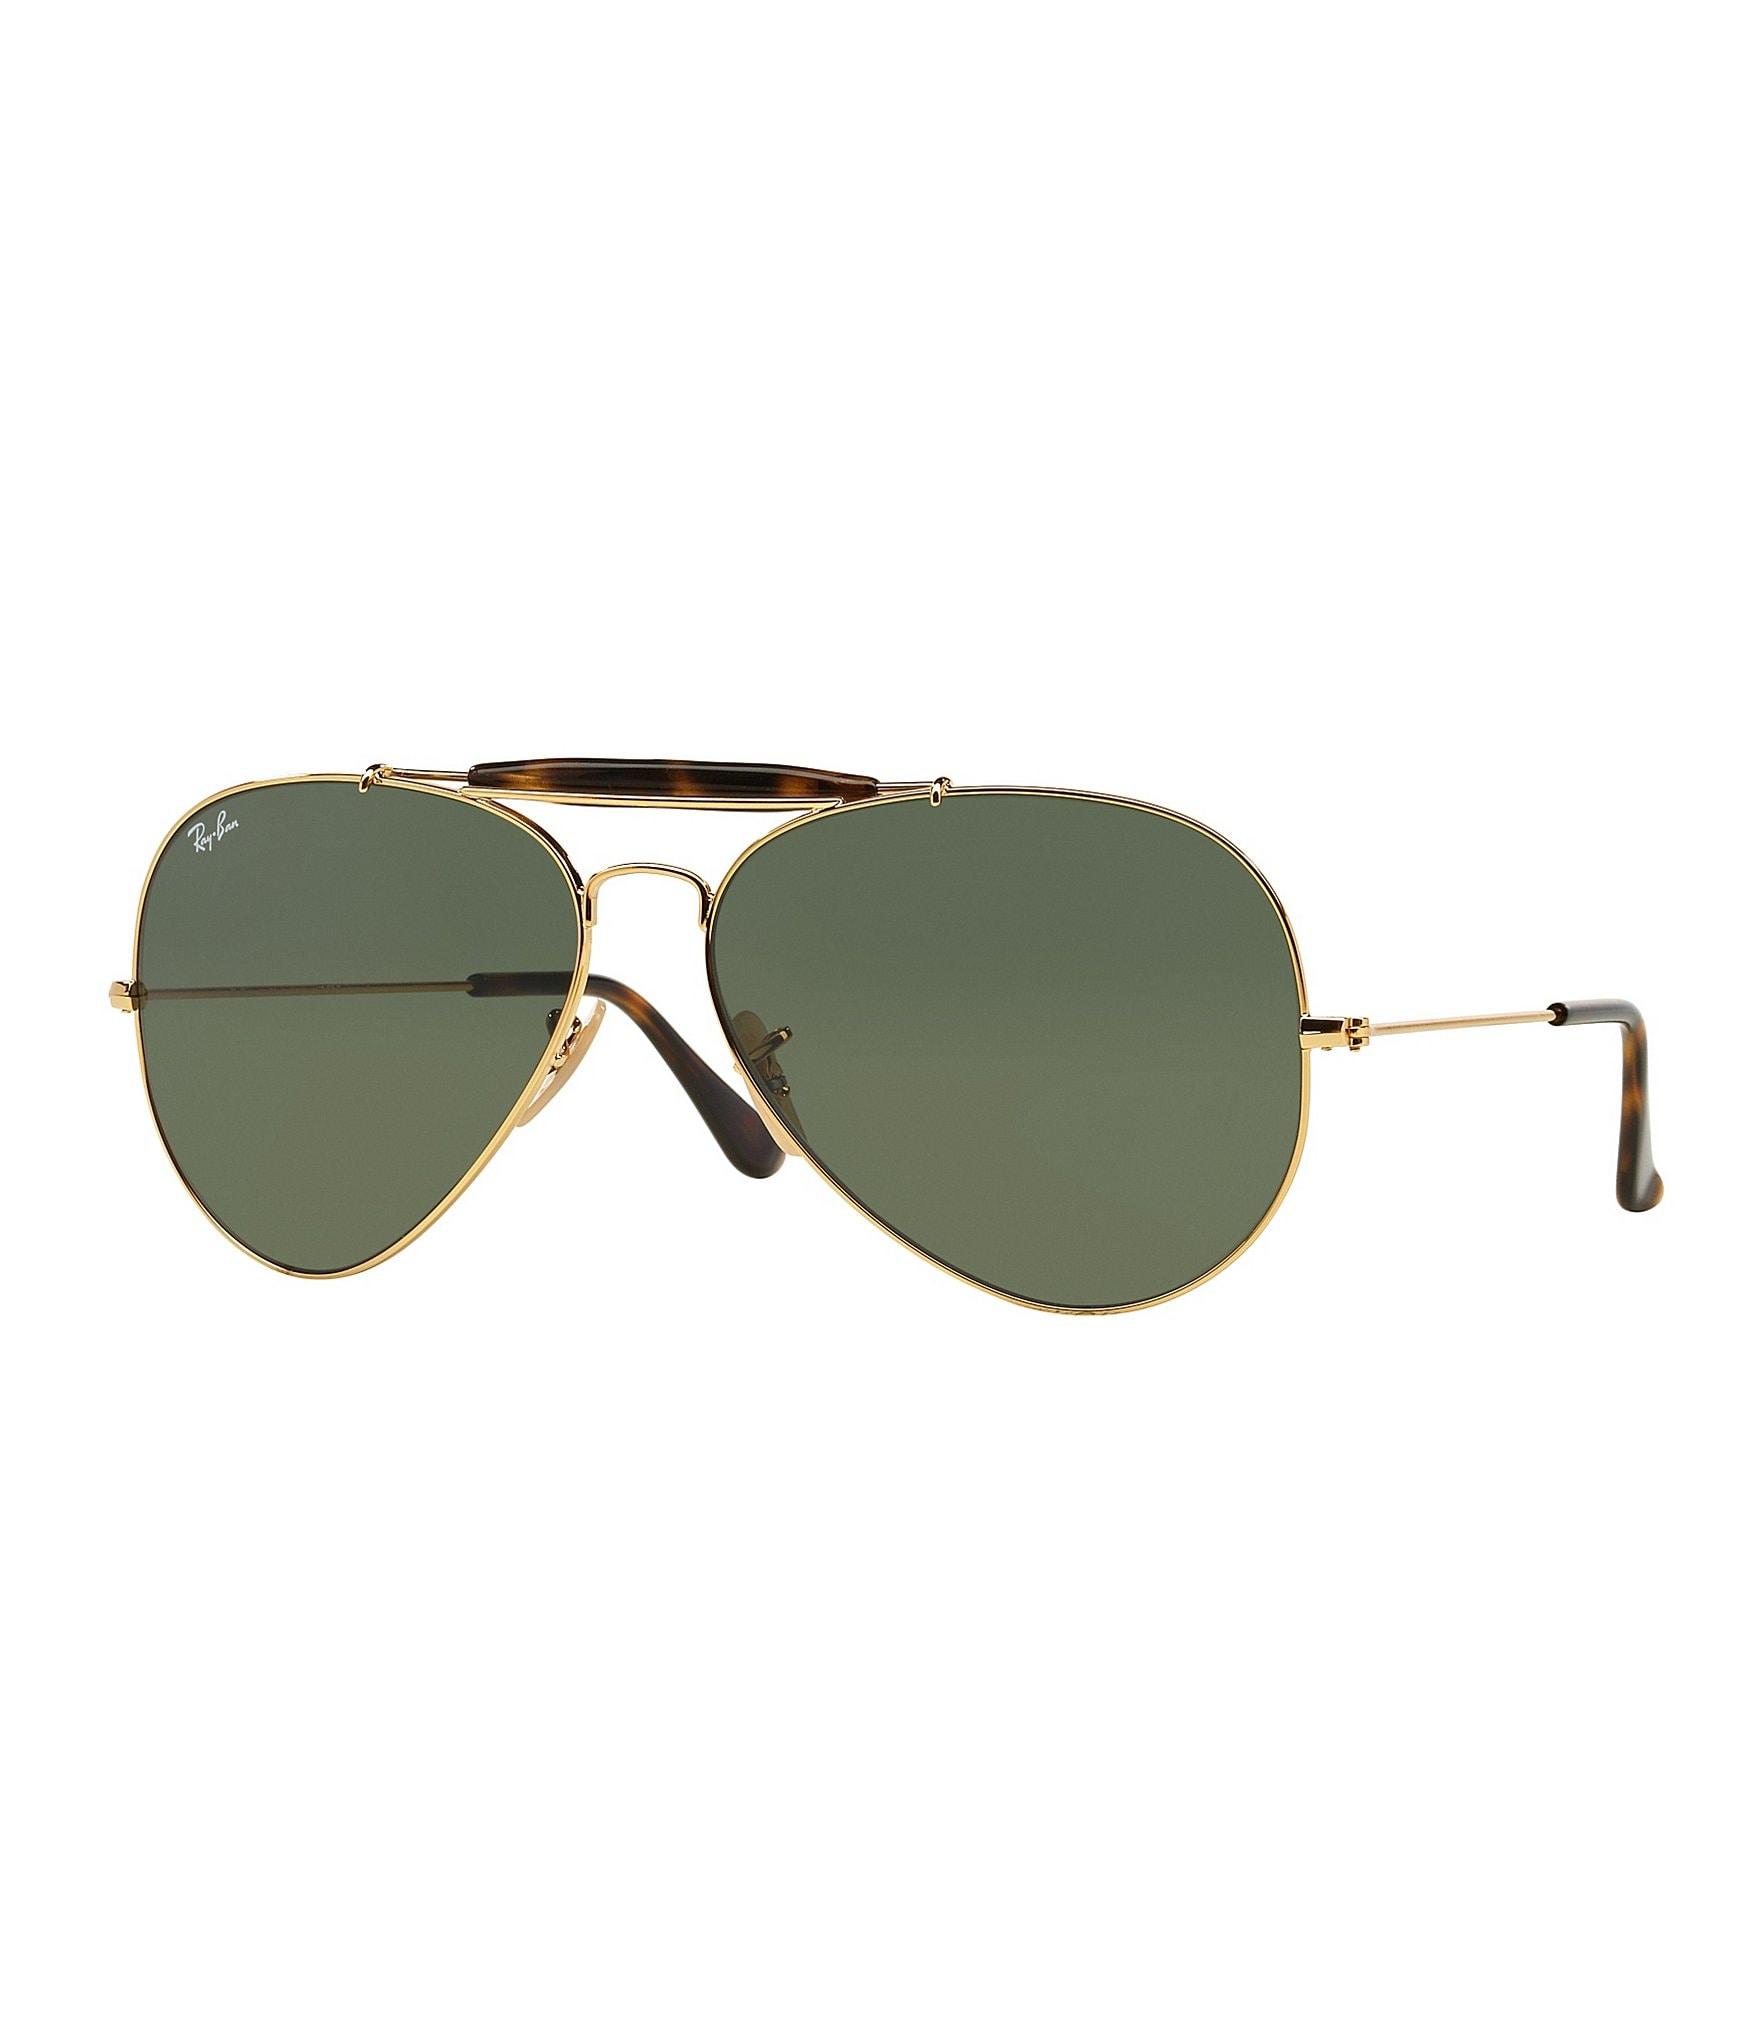 463df56a48caa Ray-Ban Sunglasses   Eyewear   Dillard s